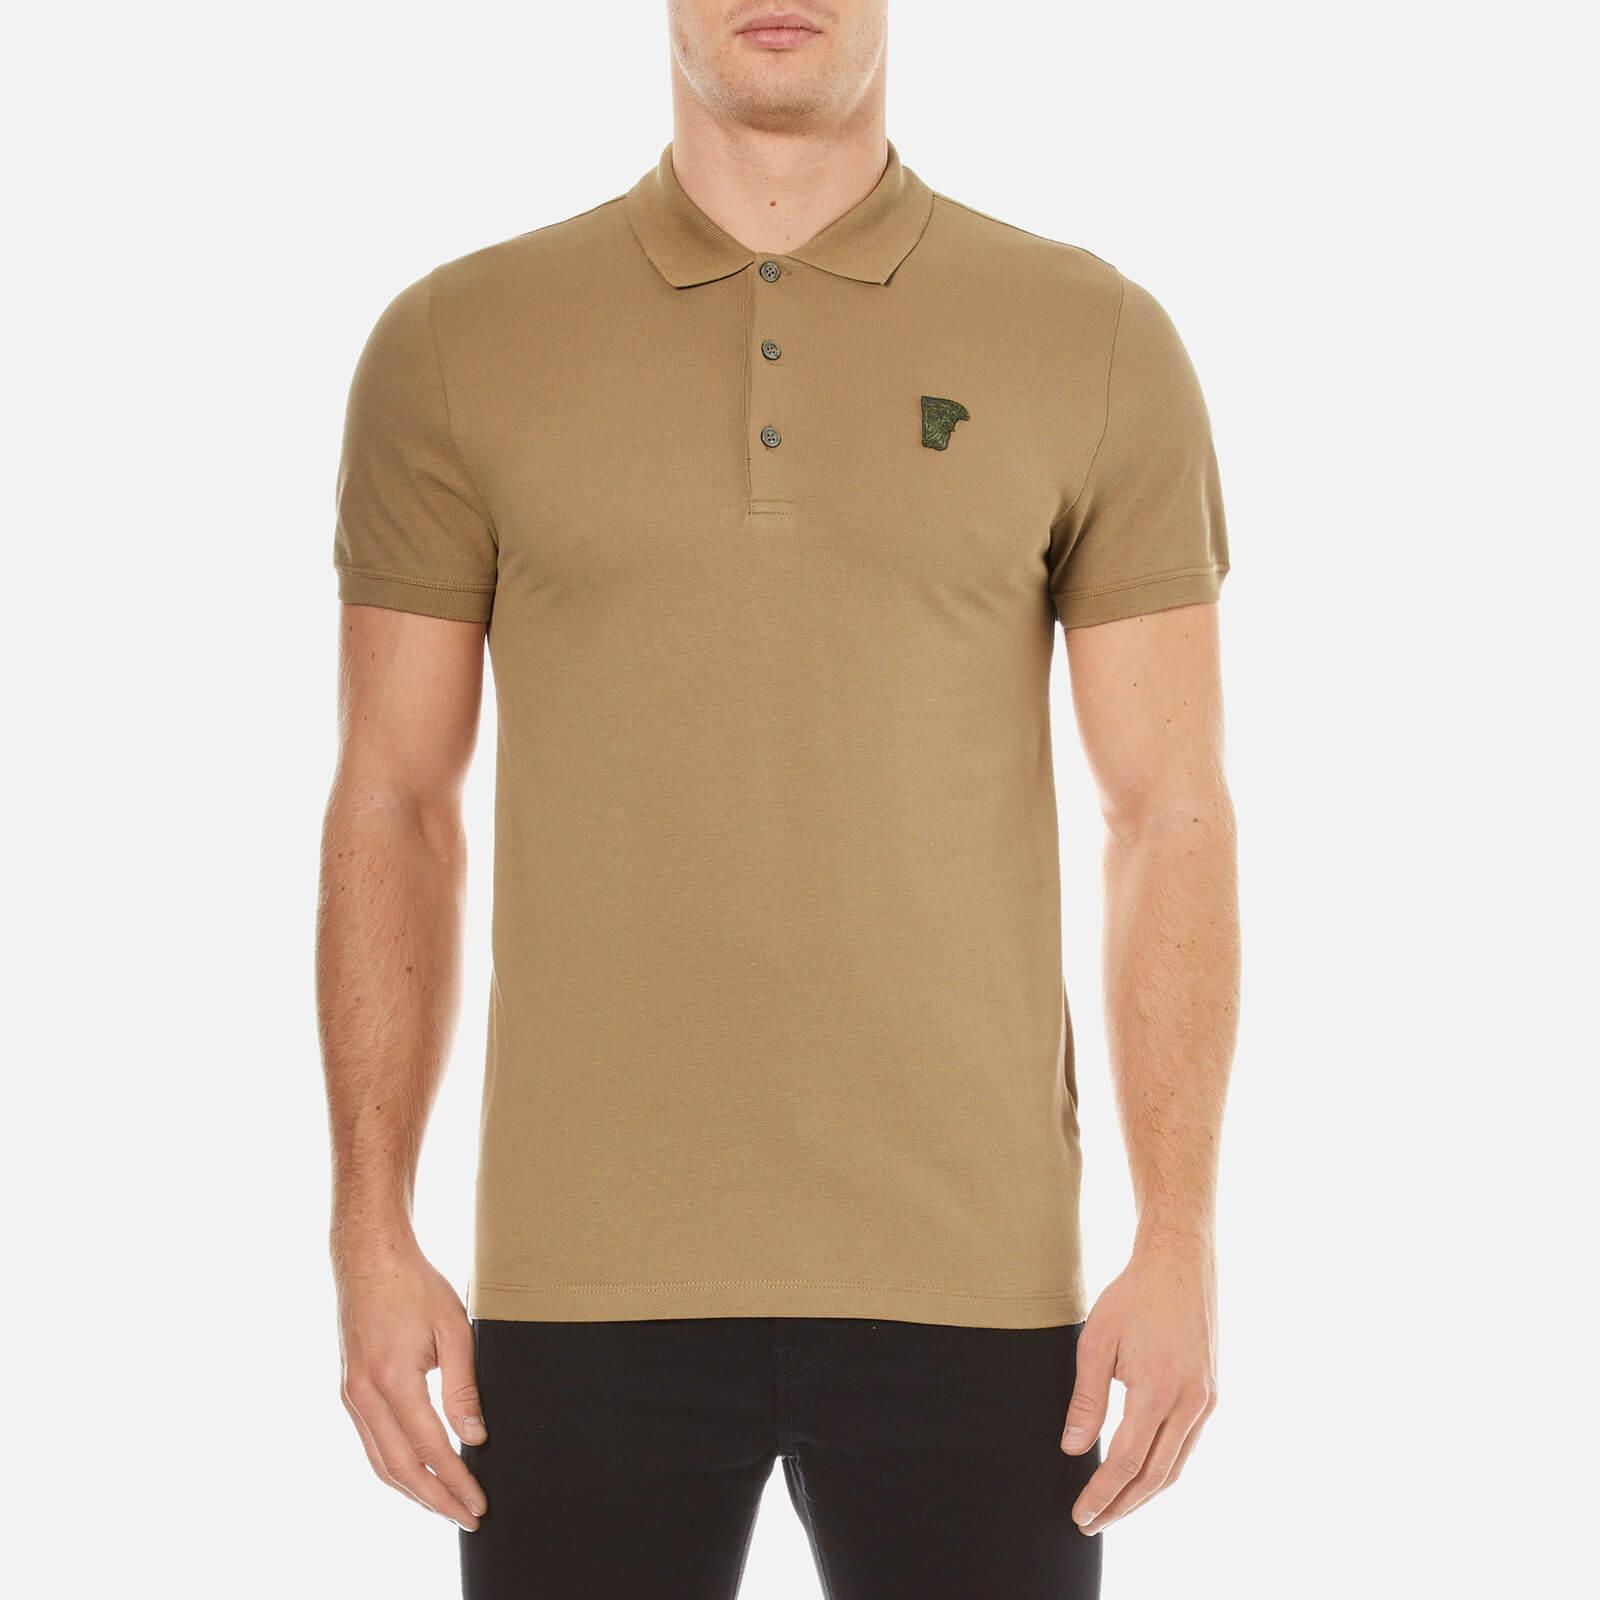 2637da11 Versace Collection Men's Pique Polo Shirt - Verde - Free UK Delivery over  £50